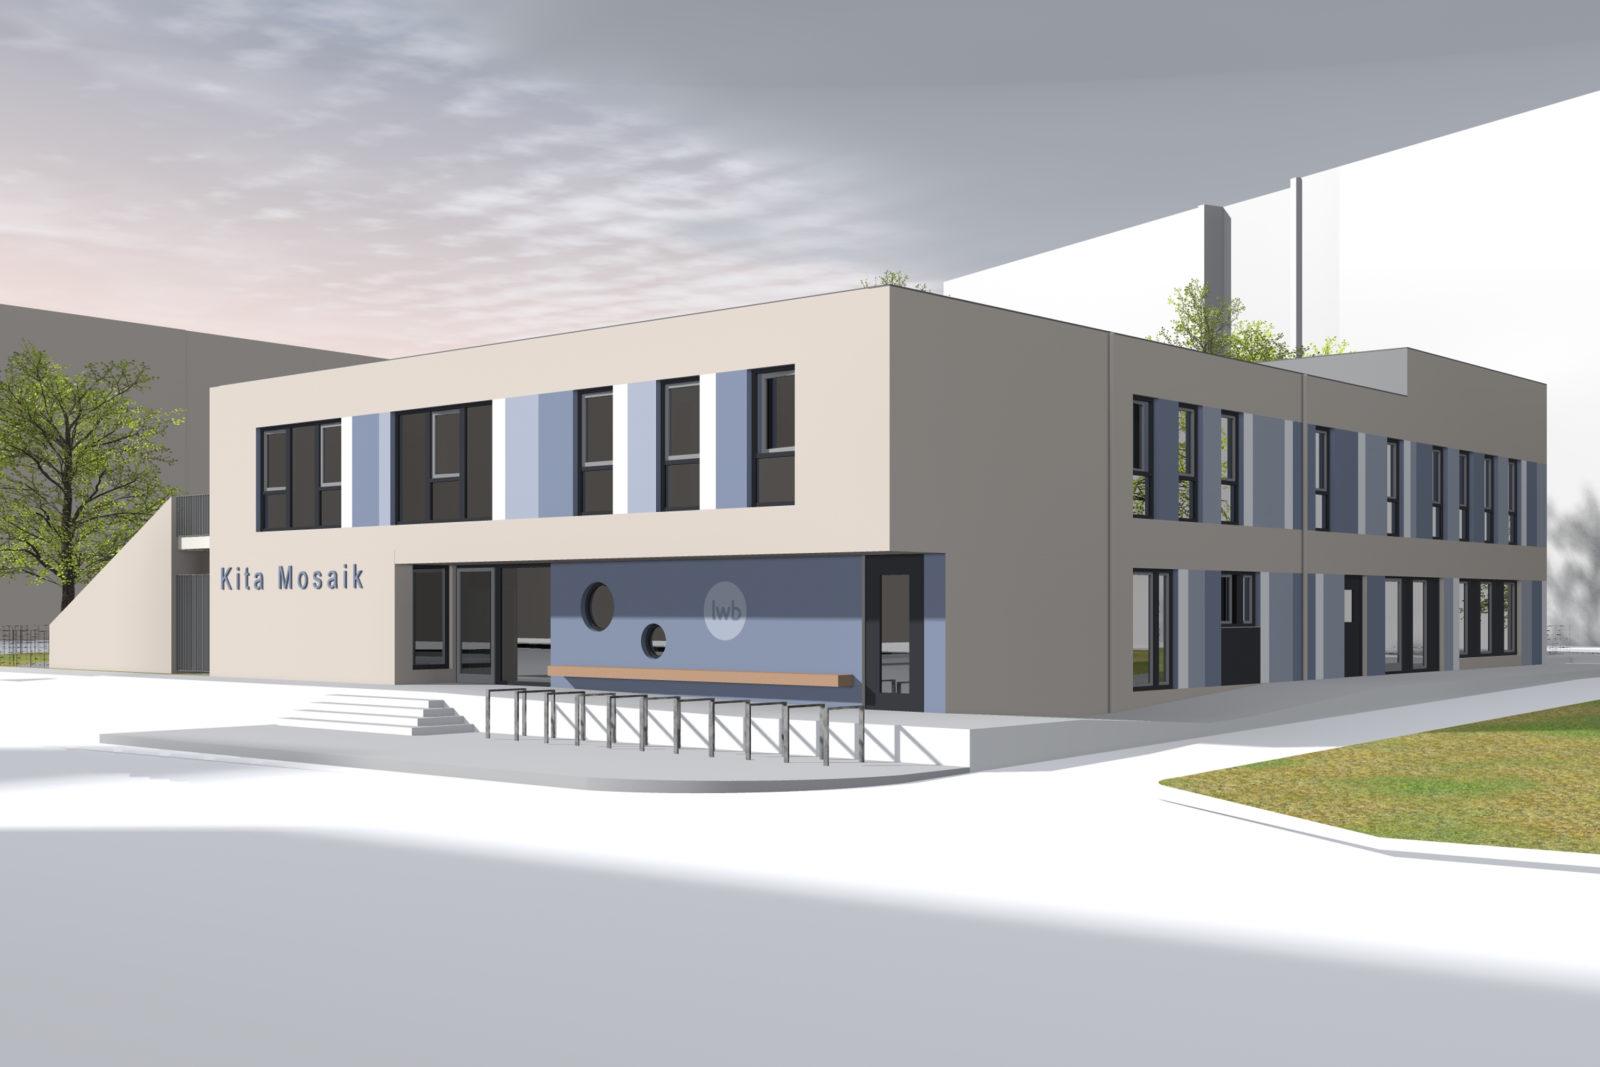 Neubau Kita Mosaik in Leipizg, Zentrum Süd - Blick auf Vorplatz und Eingangsbereich